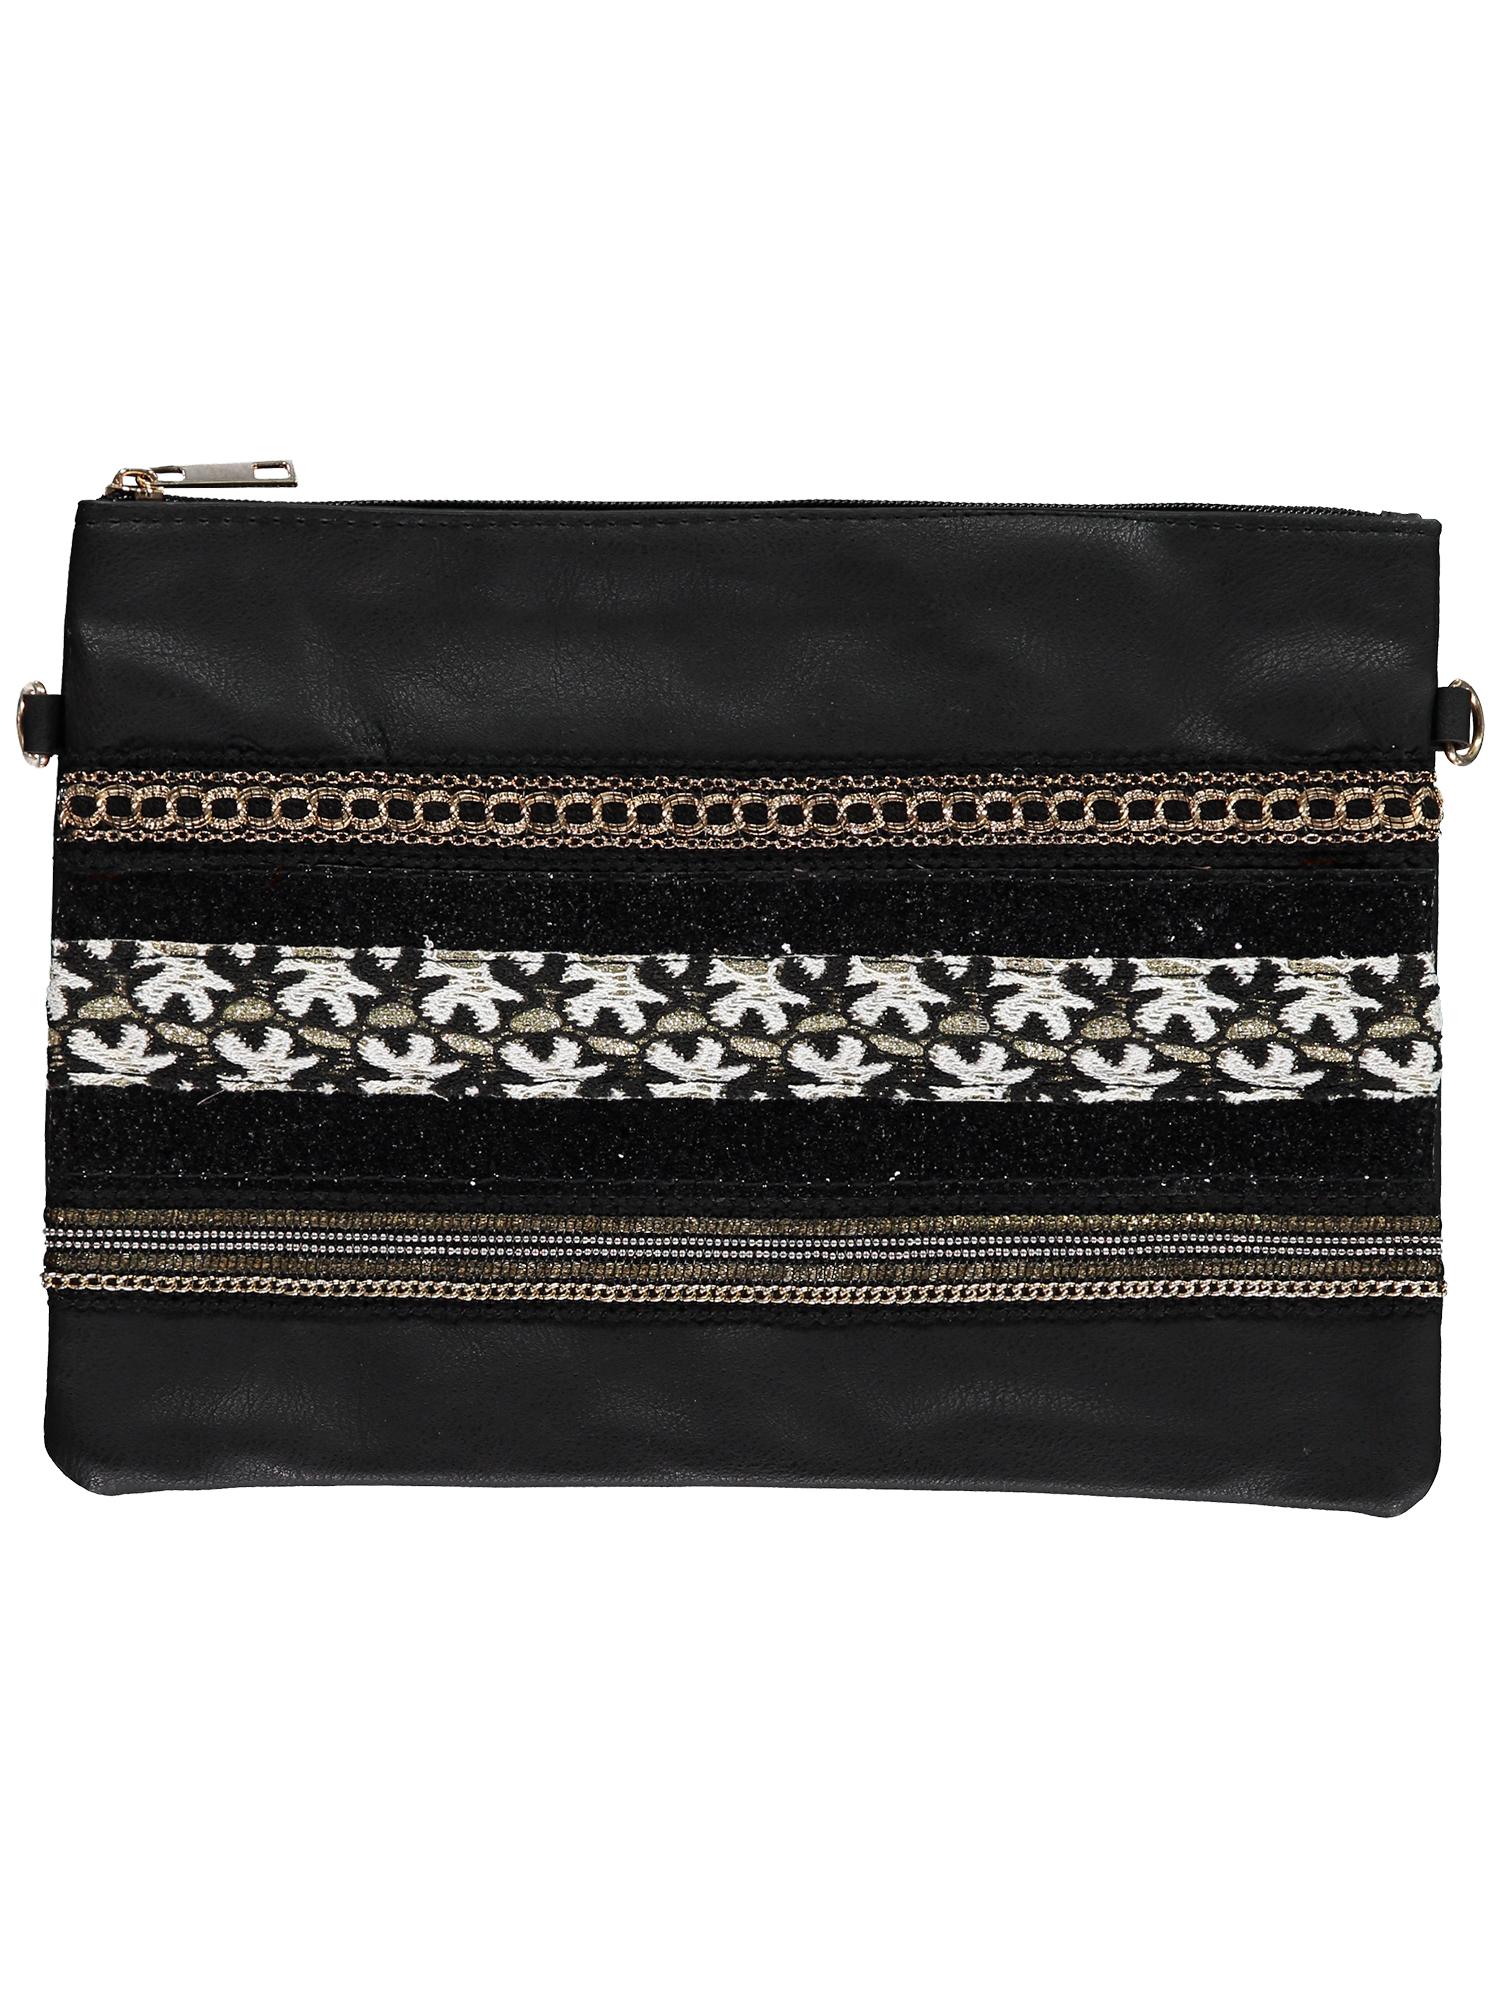 Black Embellished Clutch x